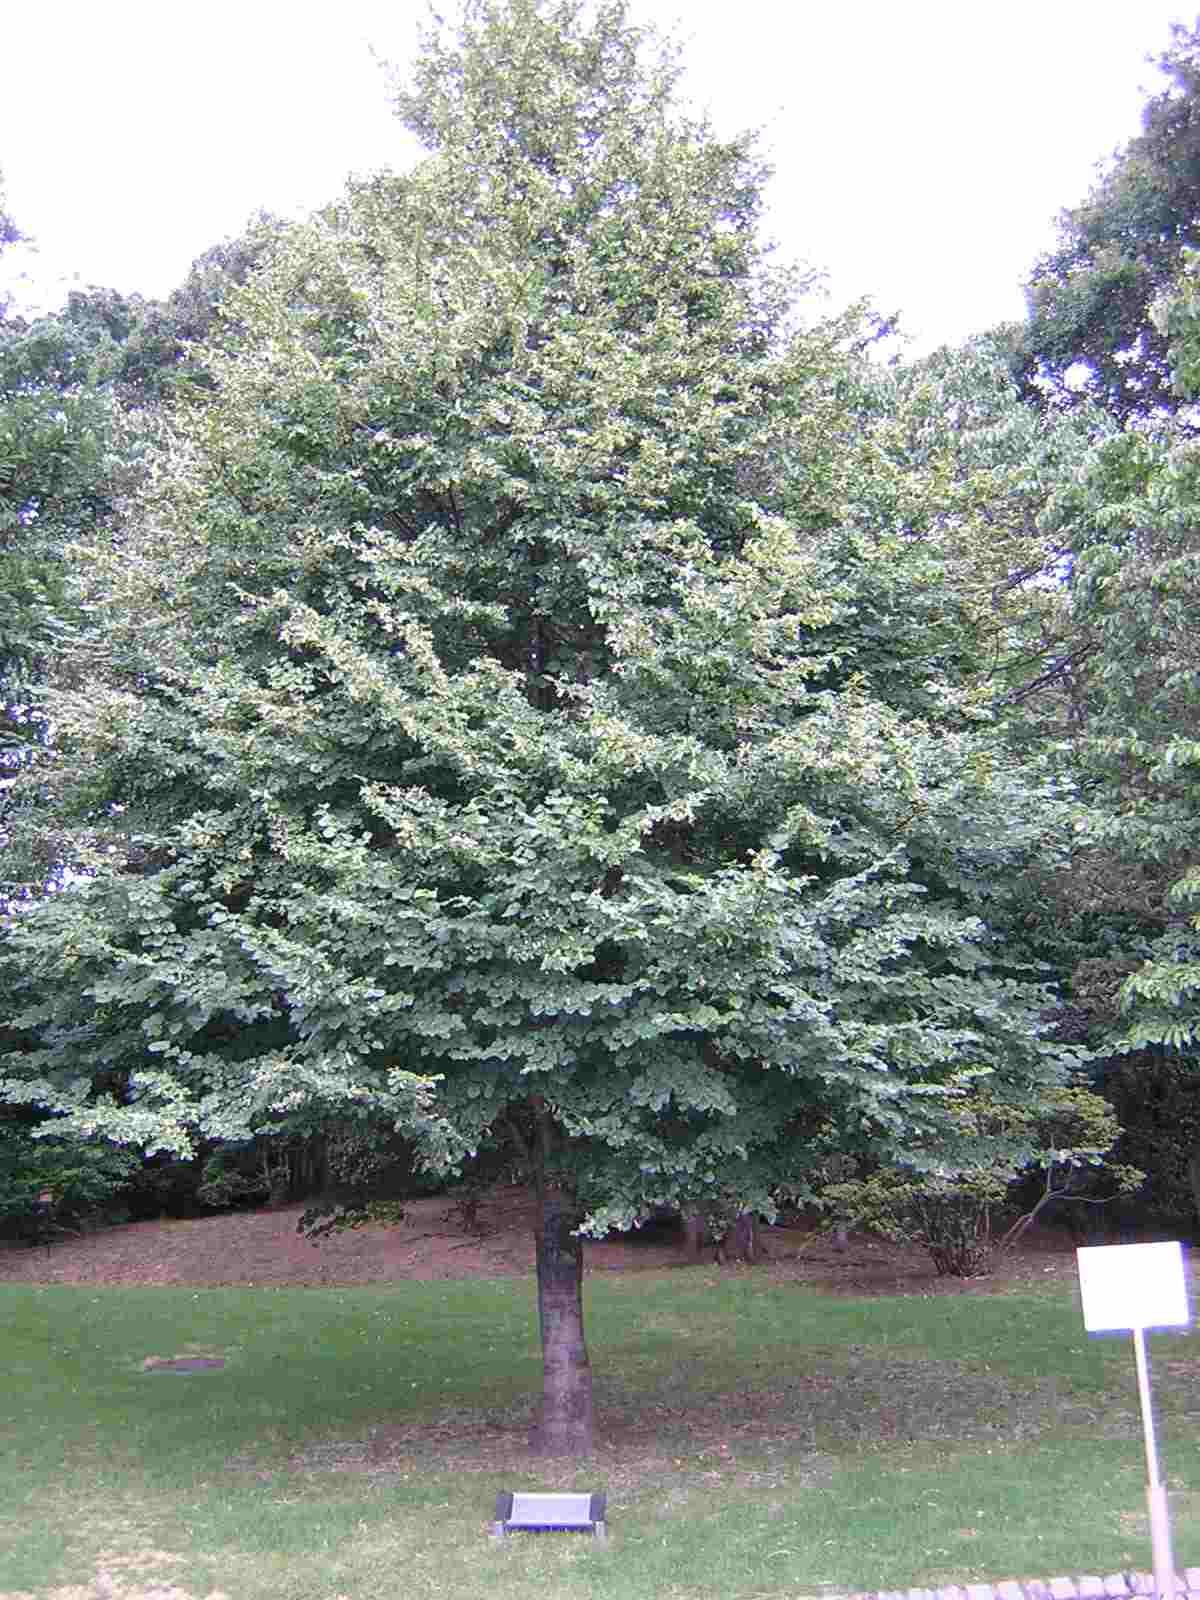 ゴルバチョフ大統領が記念植樹された木